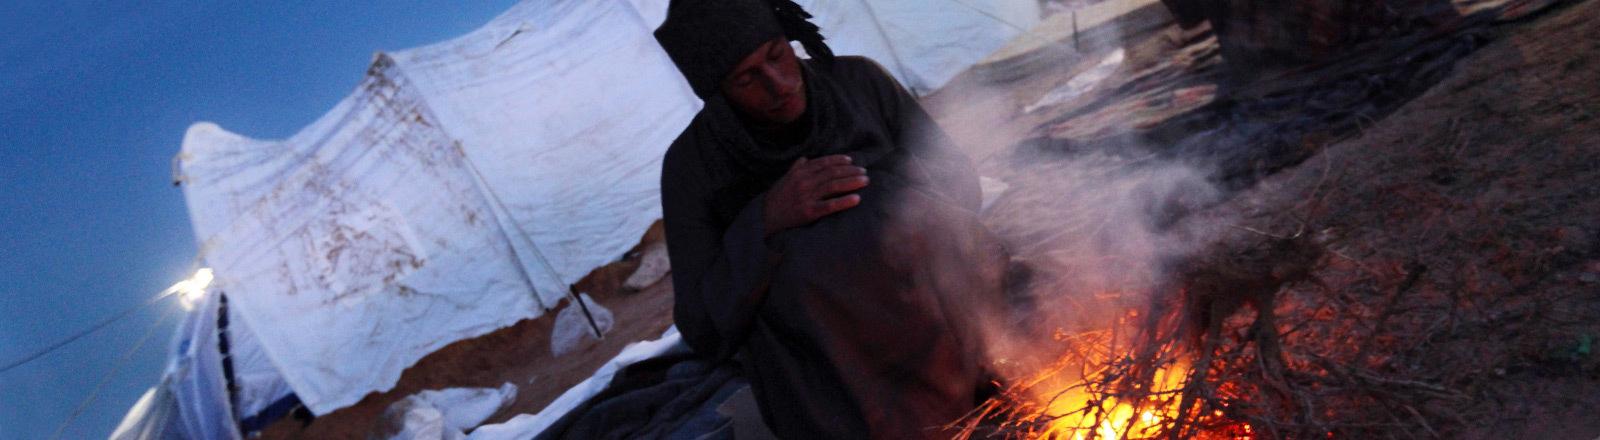 Ein Mann an einem Lagerfeuer in einem Flüchtlingscamp.